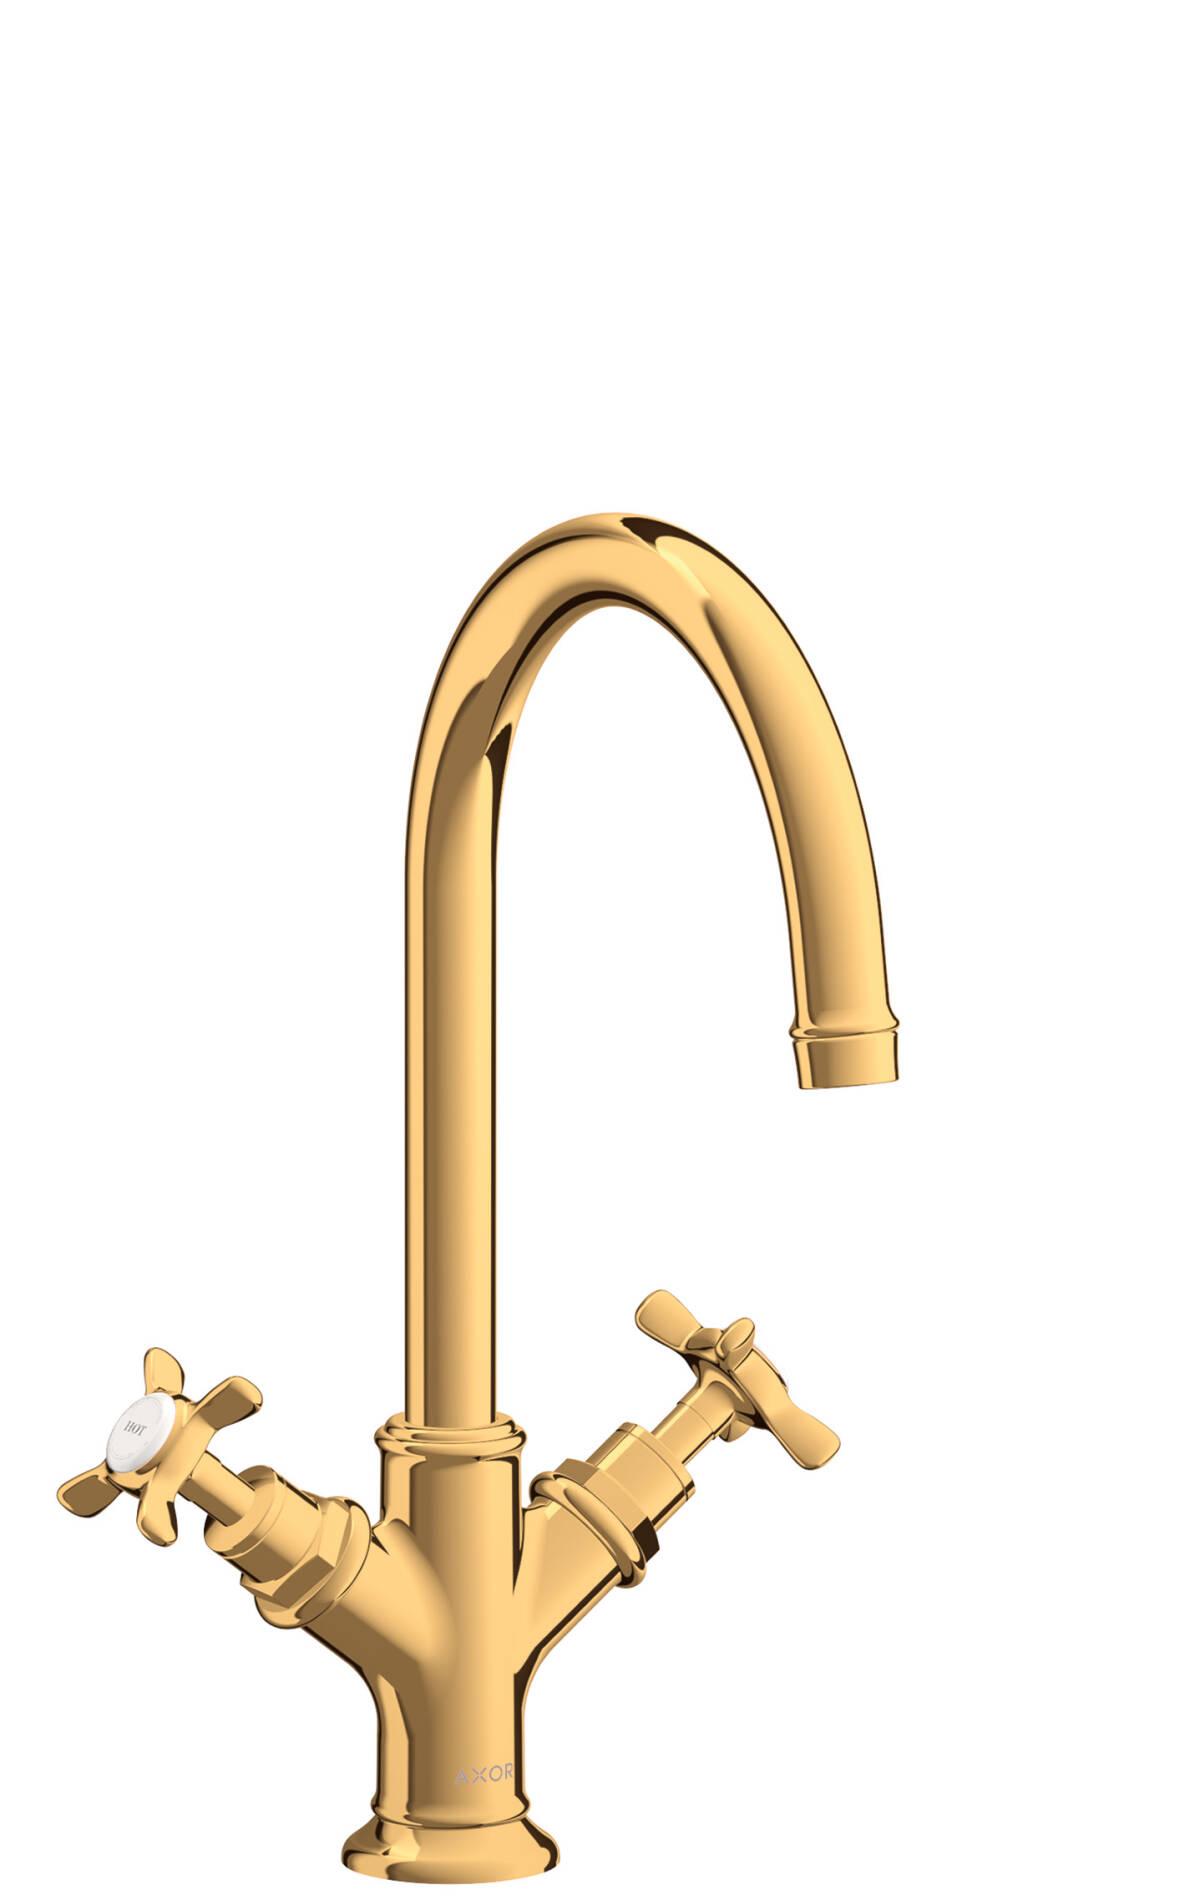 Mezclador bimando de lavabo 210 con manecilla de cruceta y vaciador automático, color oro pulido, 16502990